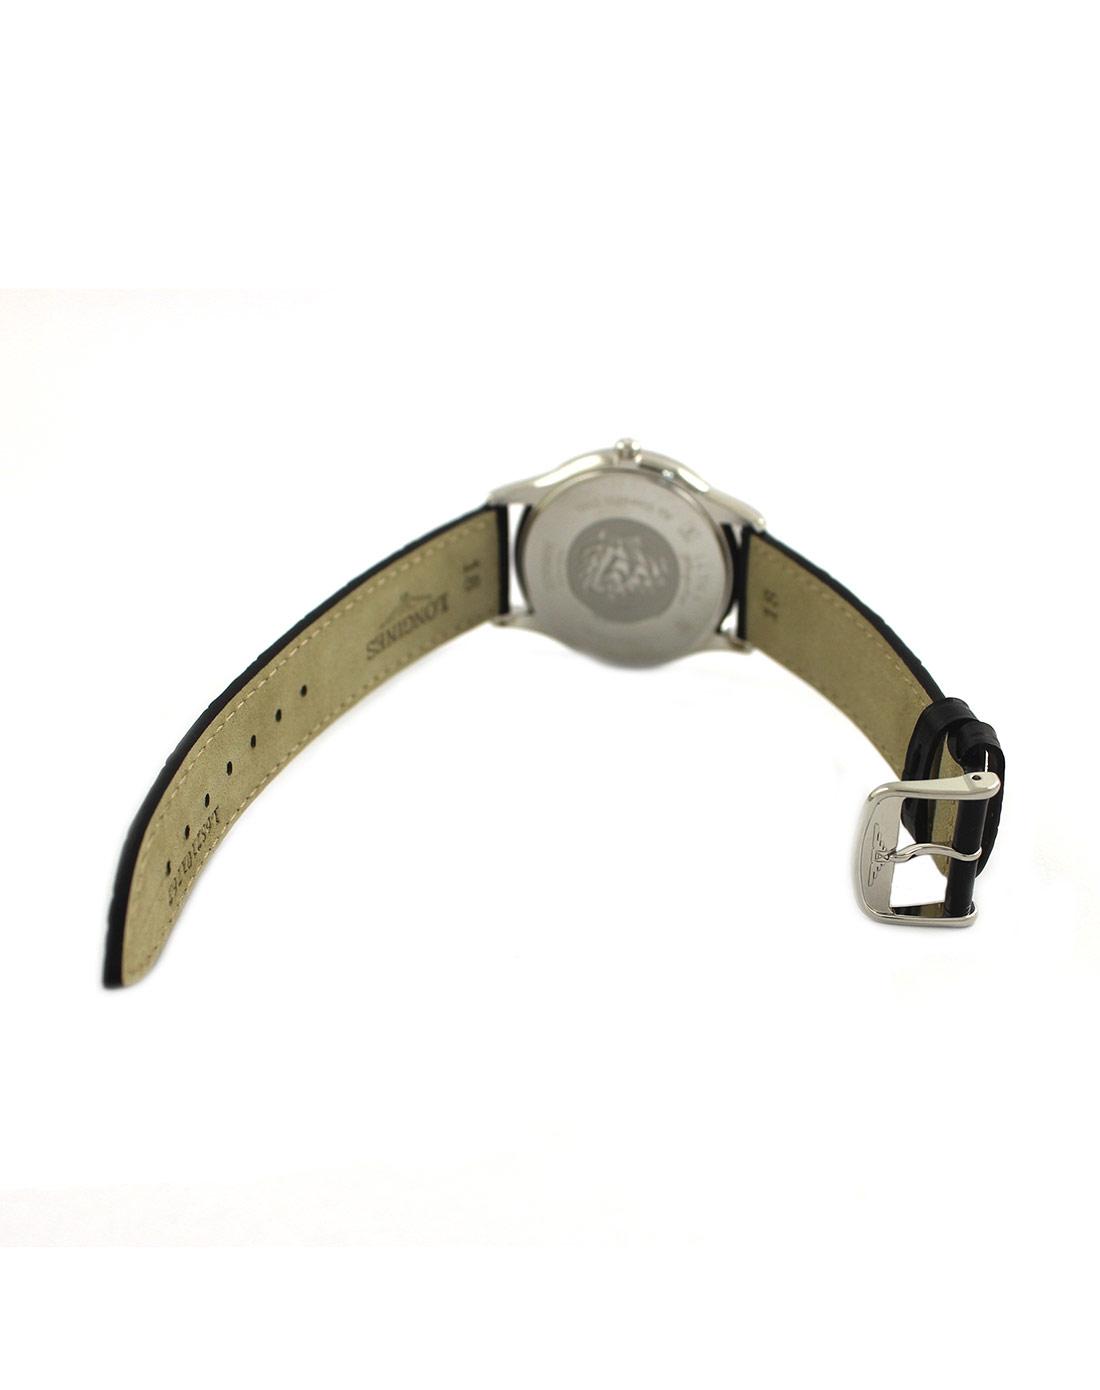 浪琴皮带怎么带?教你浪琴手表皮带的正确佩戴方法